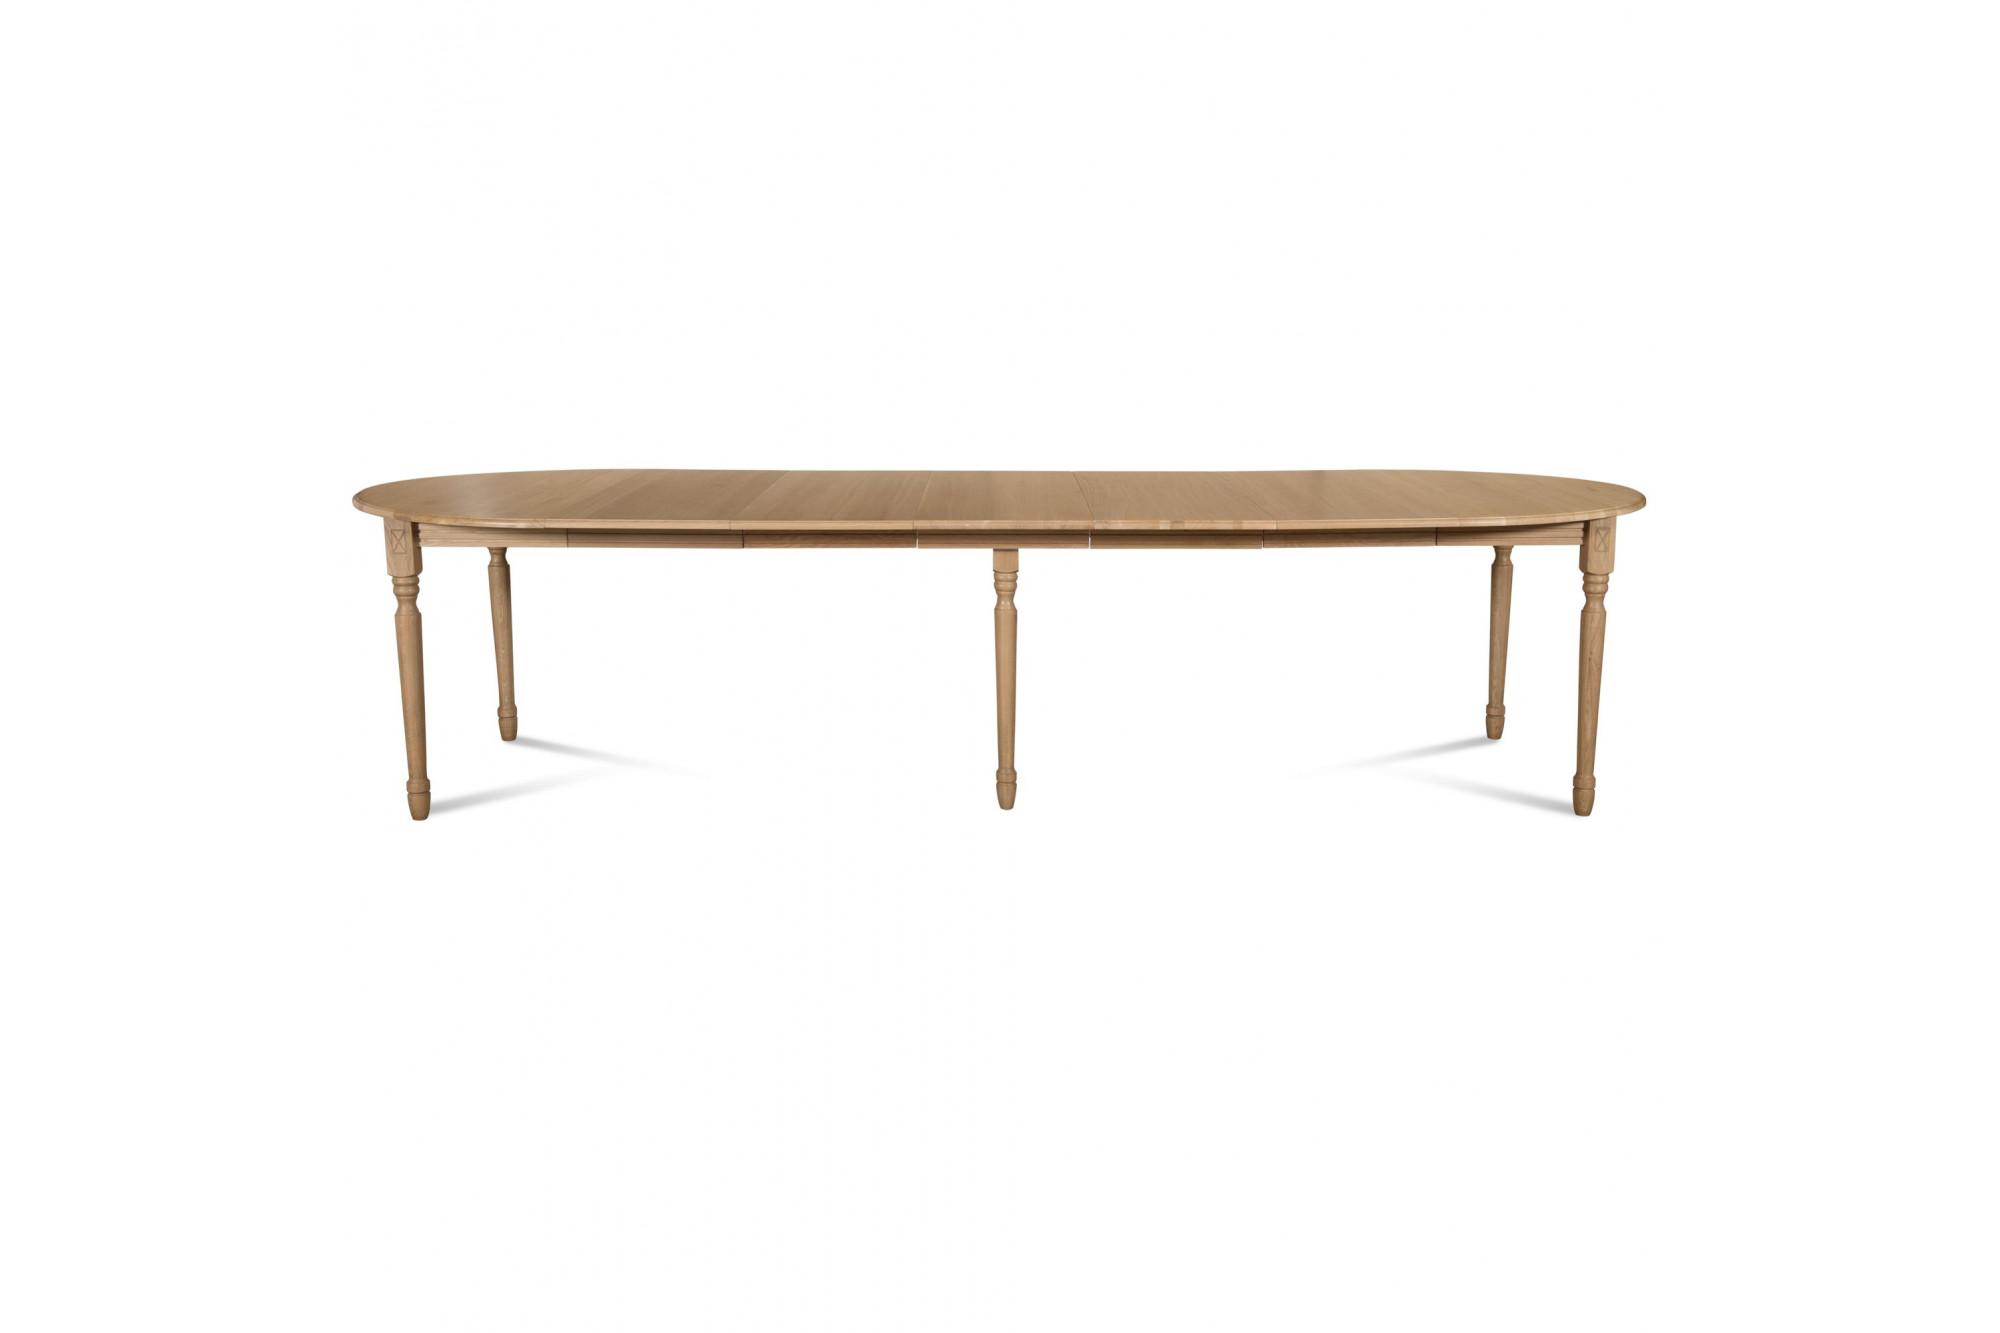 table ronde victoria 6 pieds tournes d105 3 rallonges bois